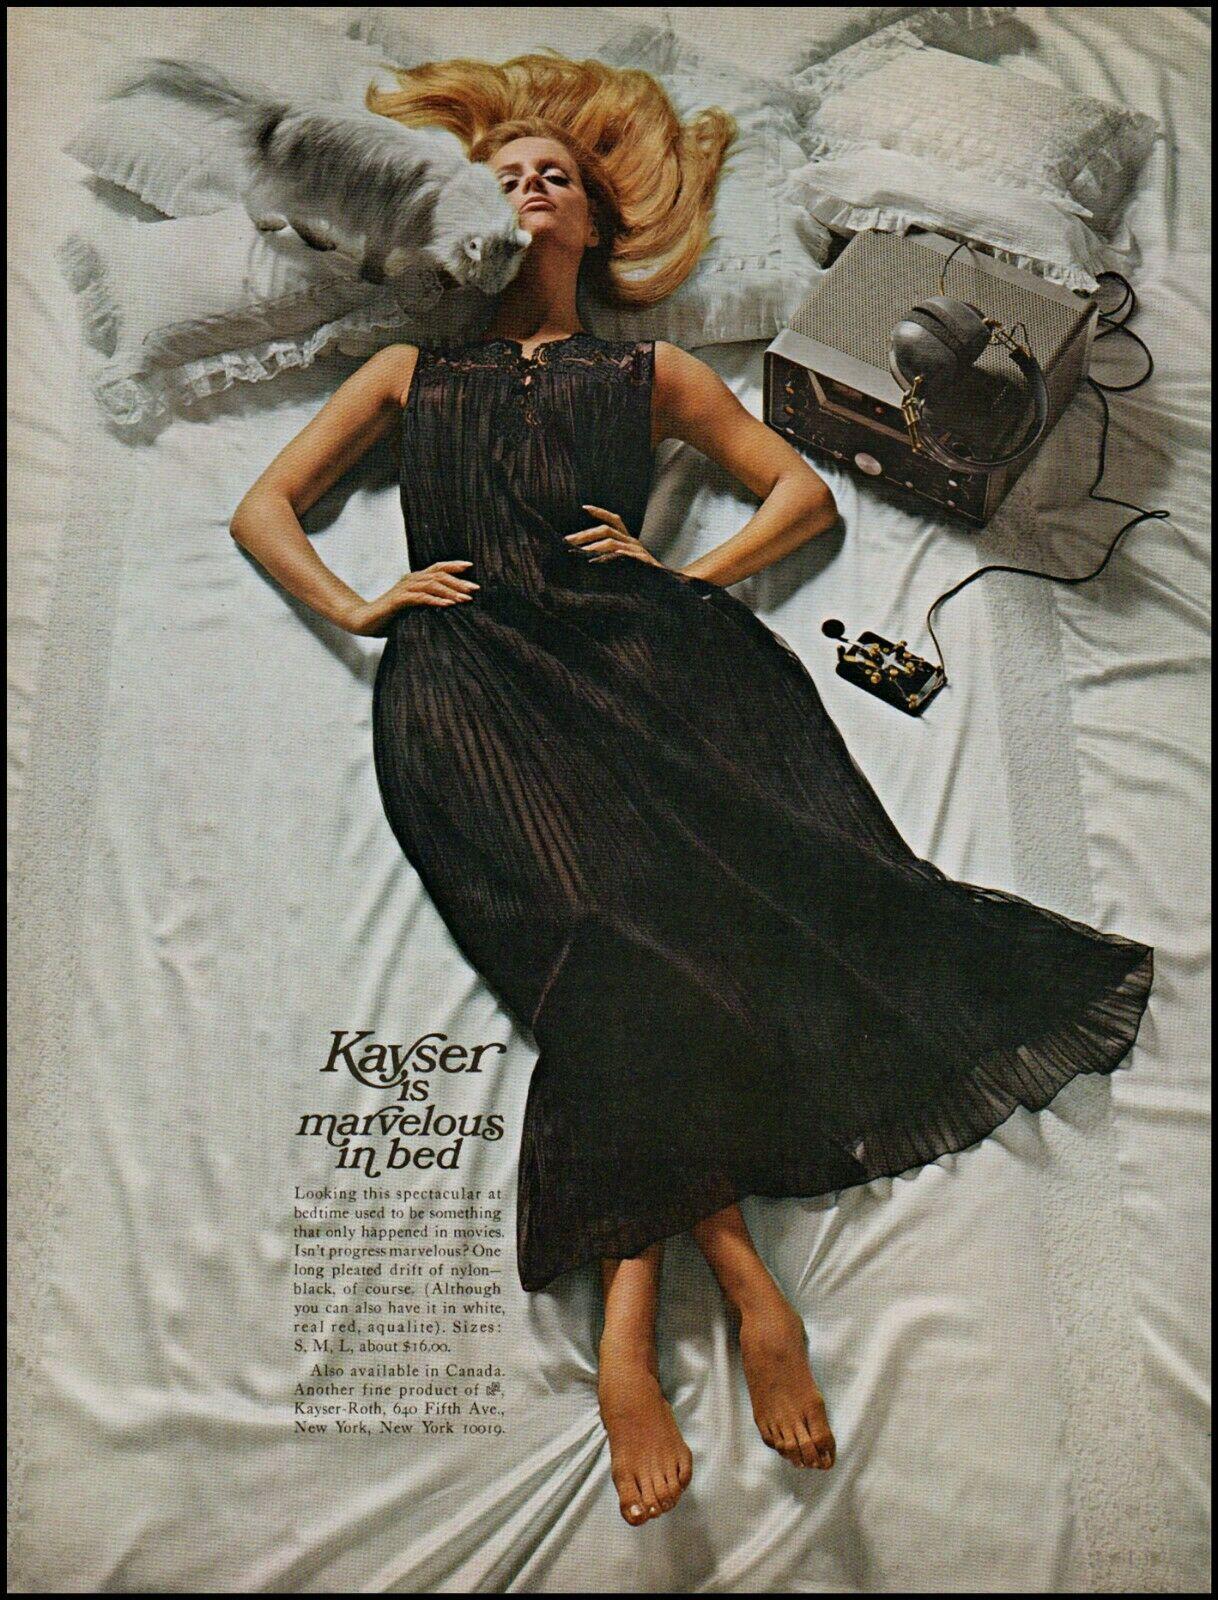 1966 Keyser ad